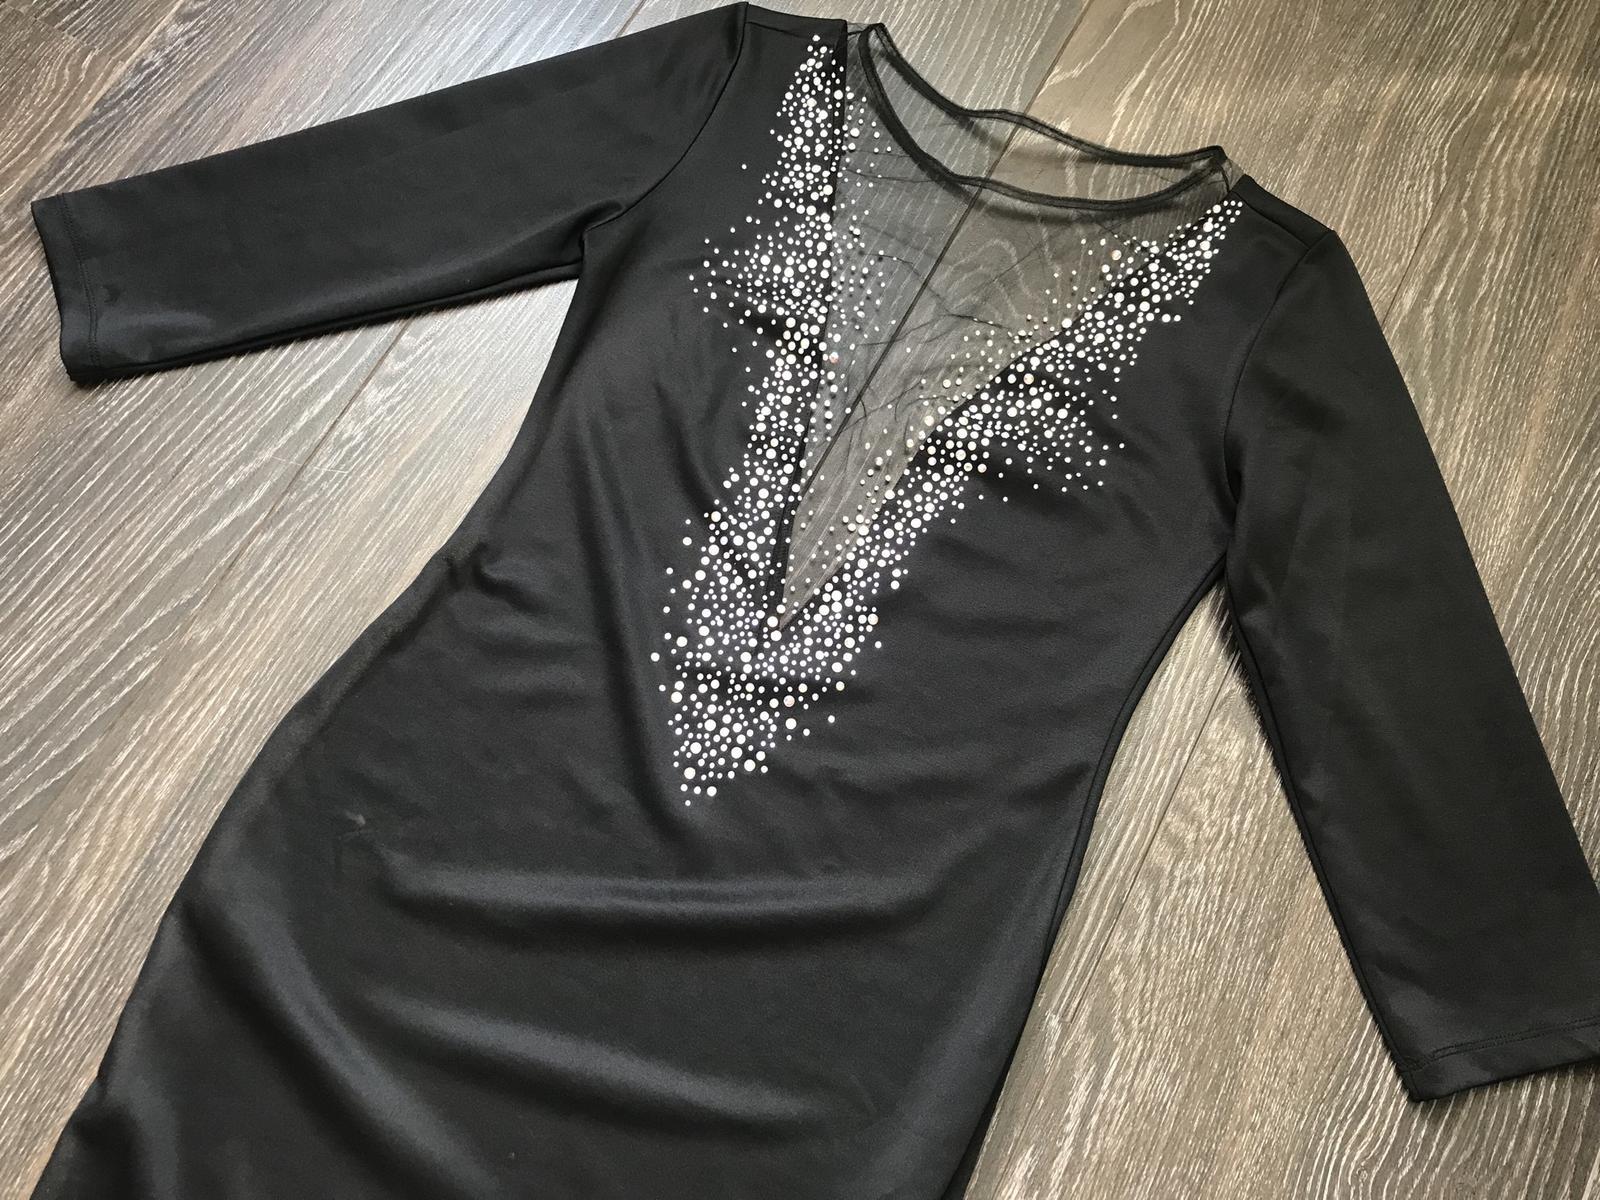 Kamienkové šaty - Obrázok č. 2